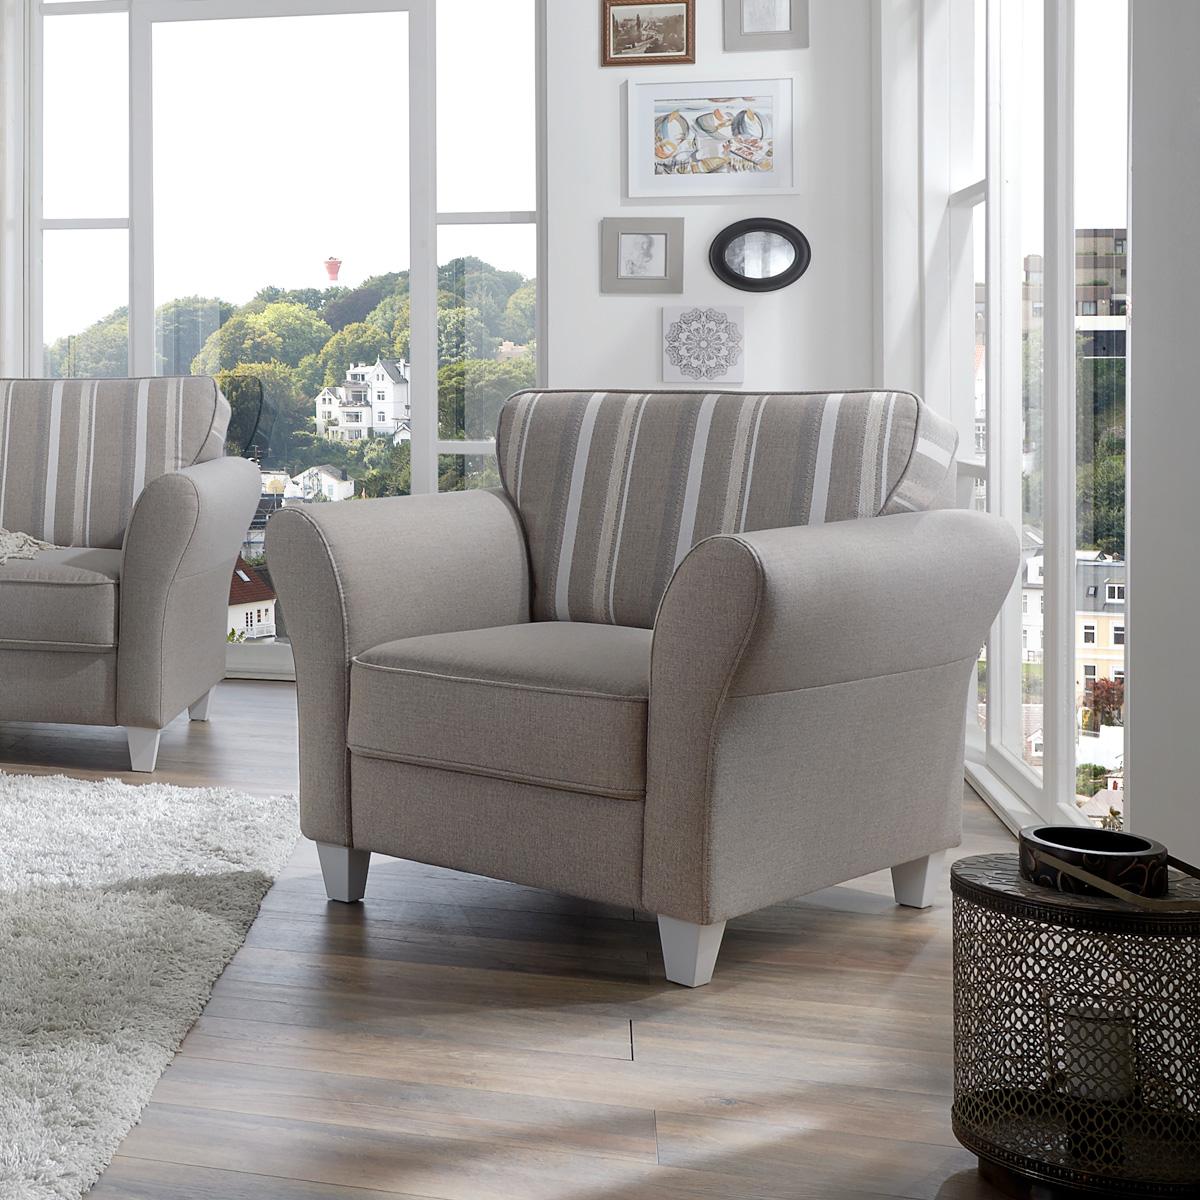 sessel baltrum einzelsessel fernsehsessel polsterm bel. Black Bedroom Furniture Sets. Home Design Ideas